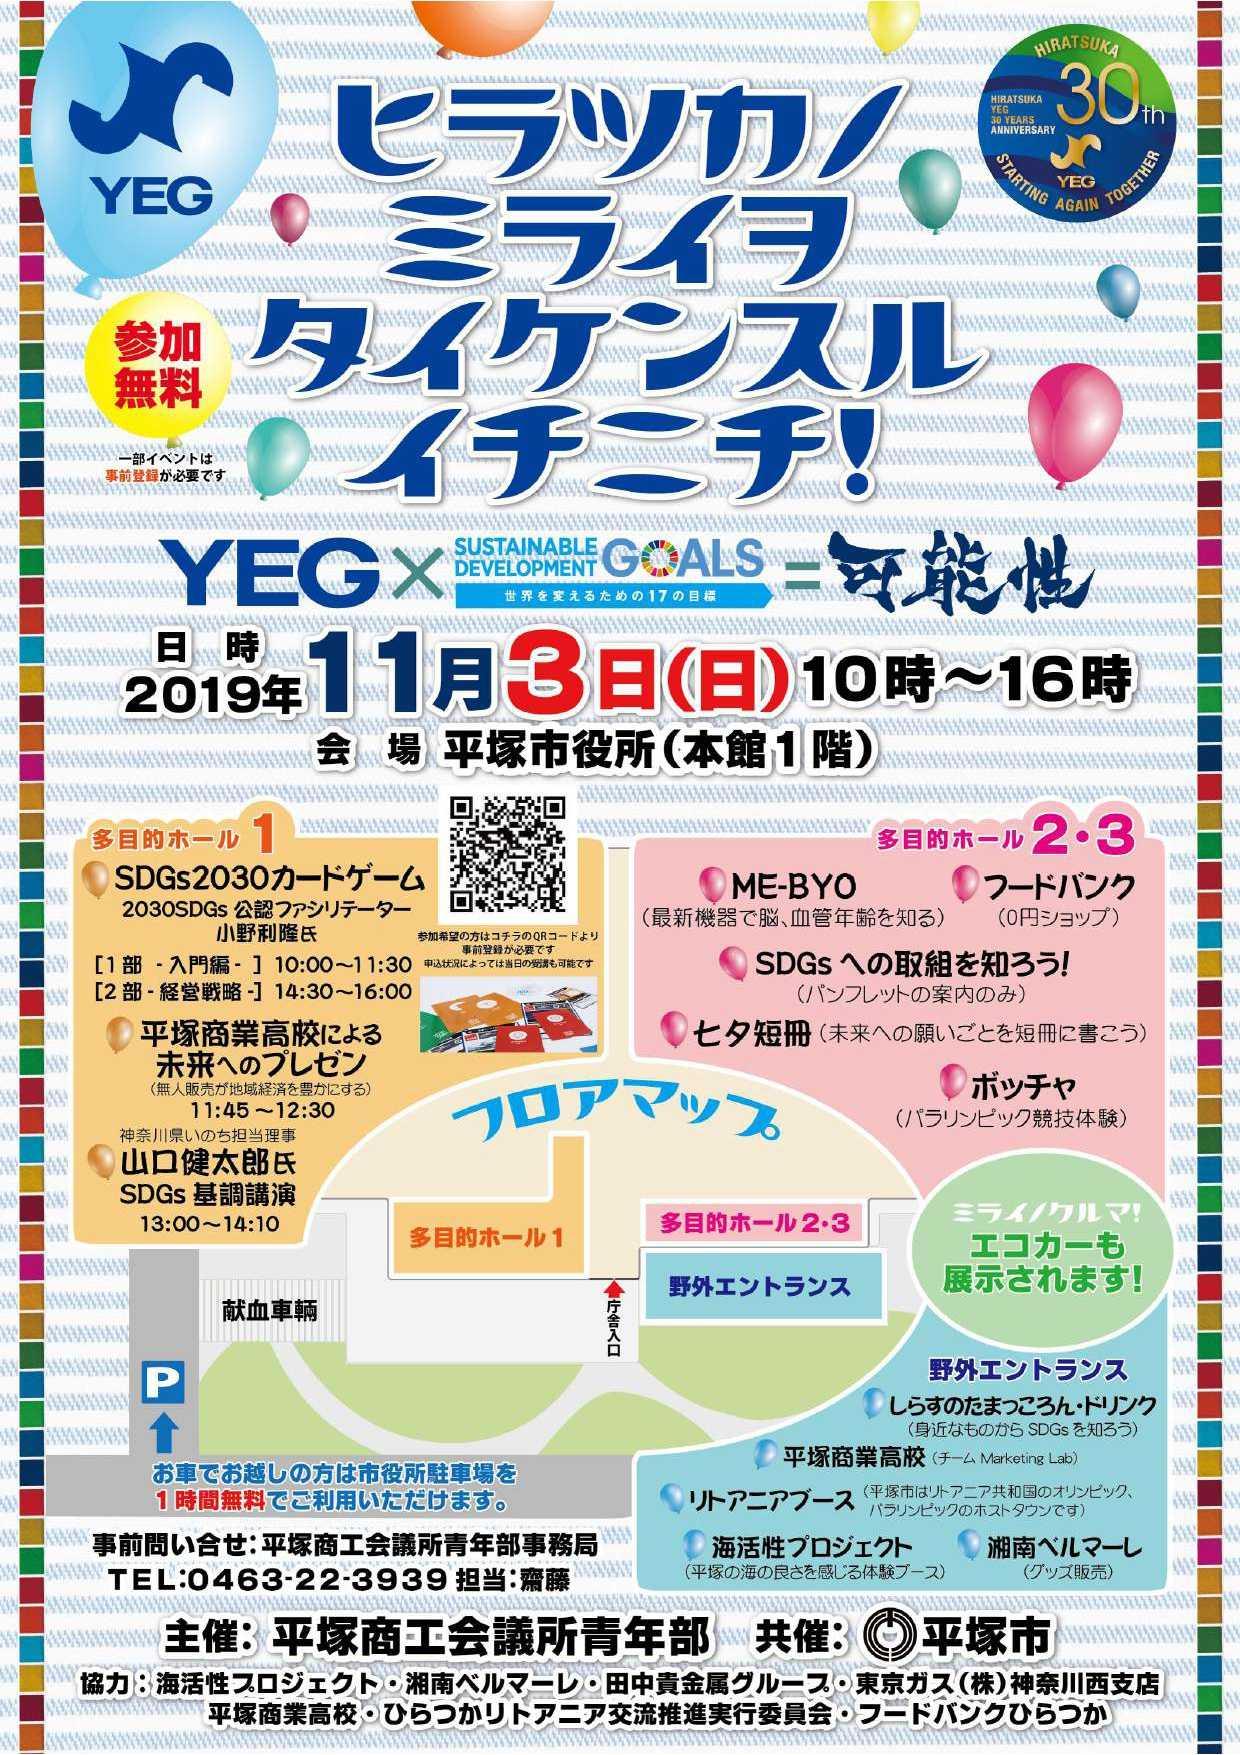 YEG×SDGs=可能性 ヒラツカノミライヲタイケンスルイチニチ!